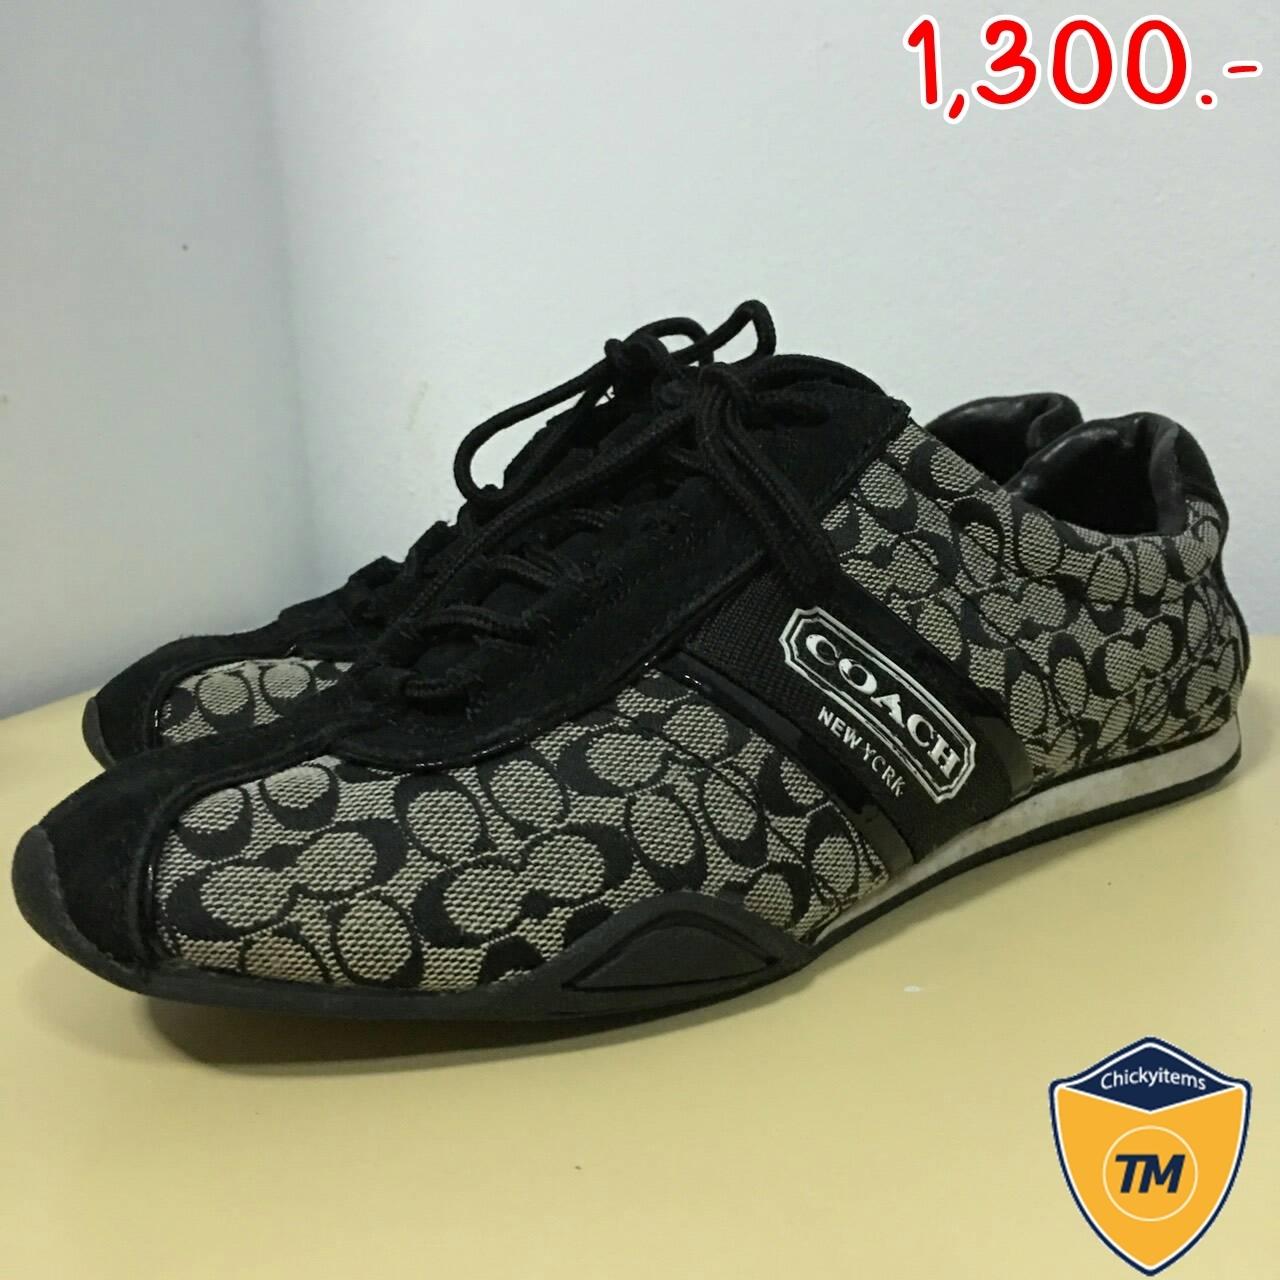 ขายแล้วค่ะ** รองเท้า COACH F0007 BLACK